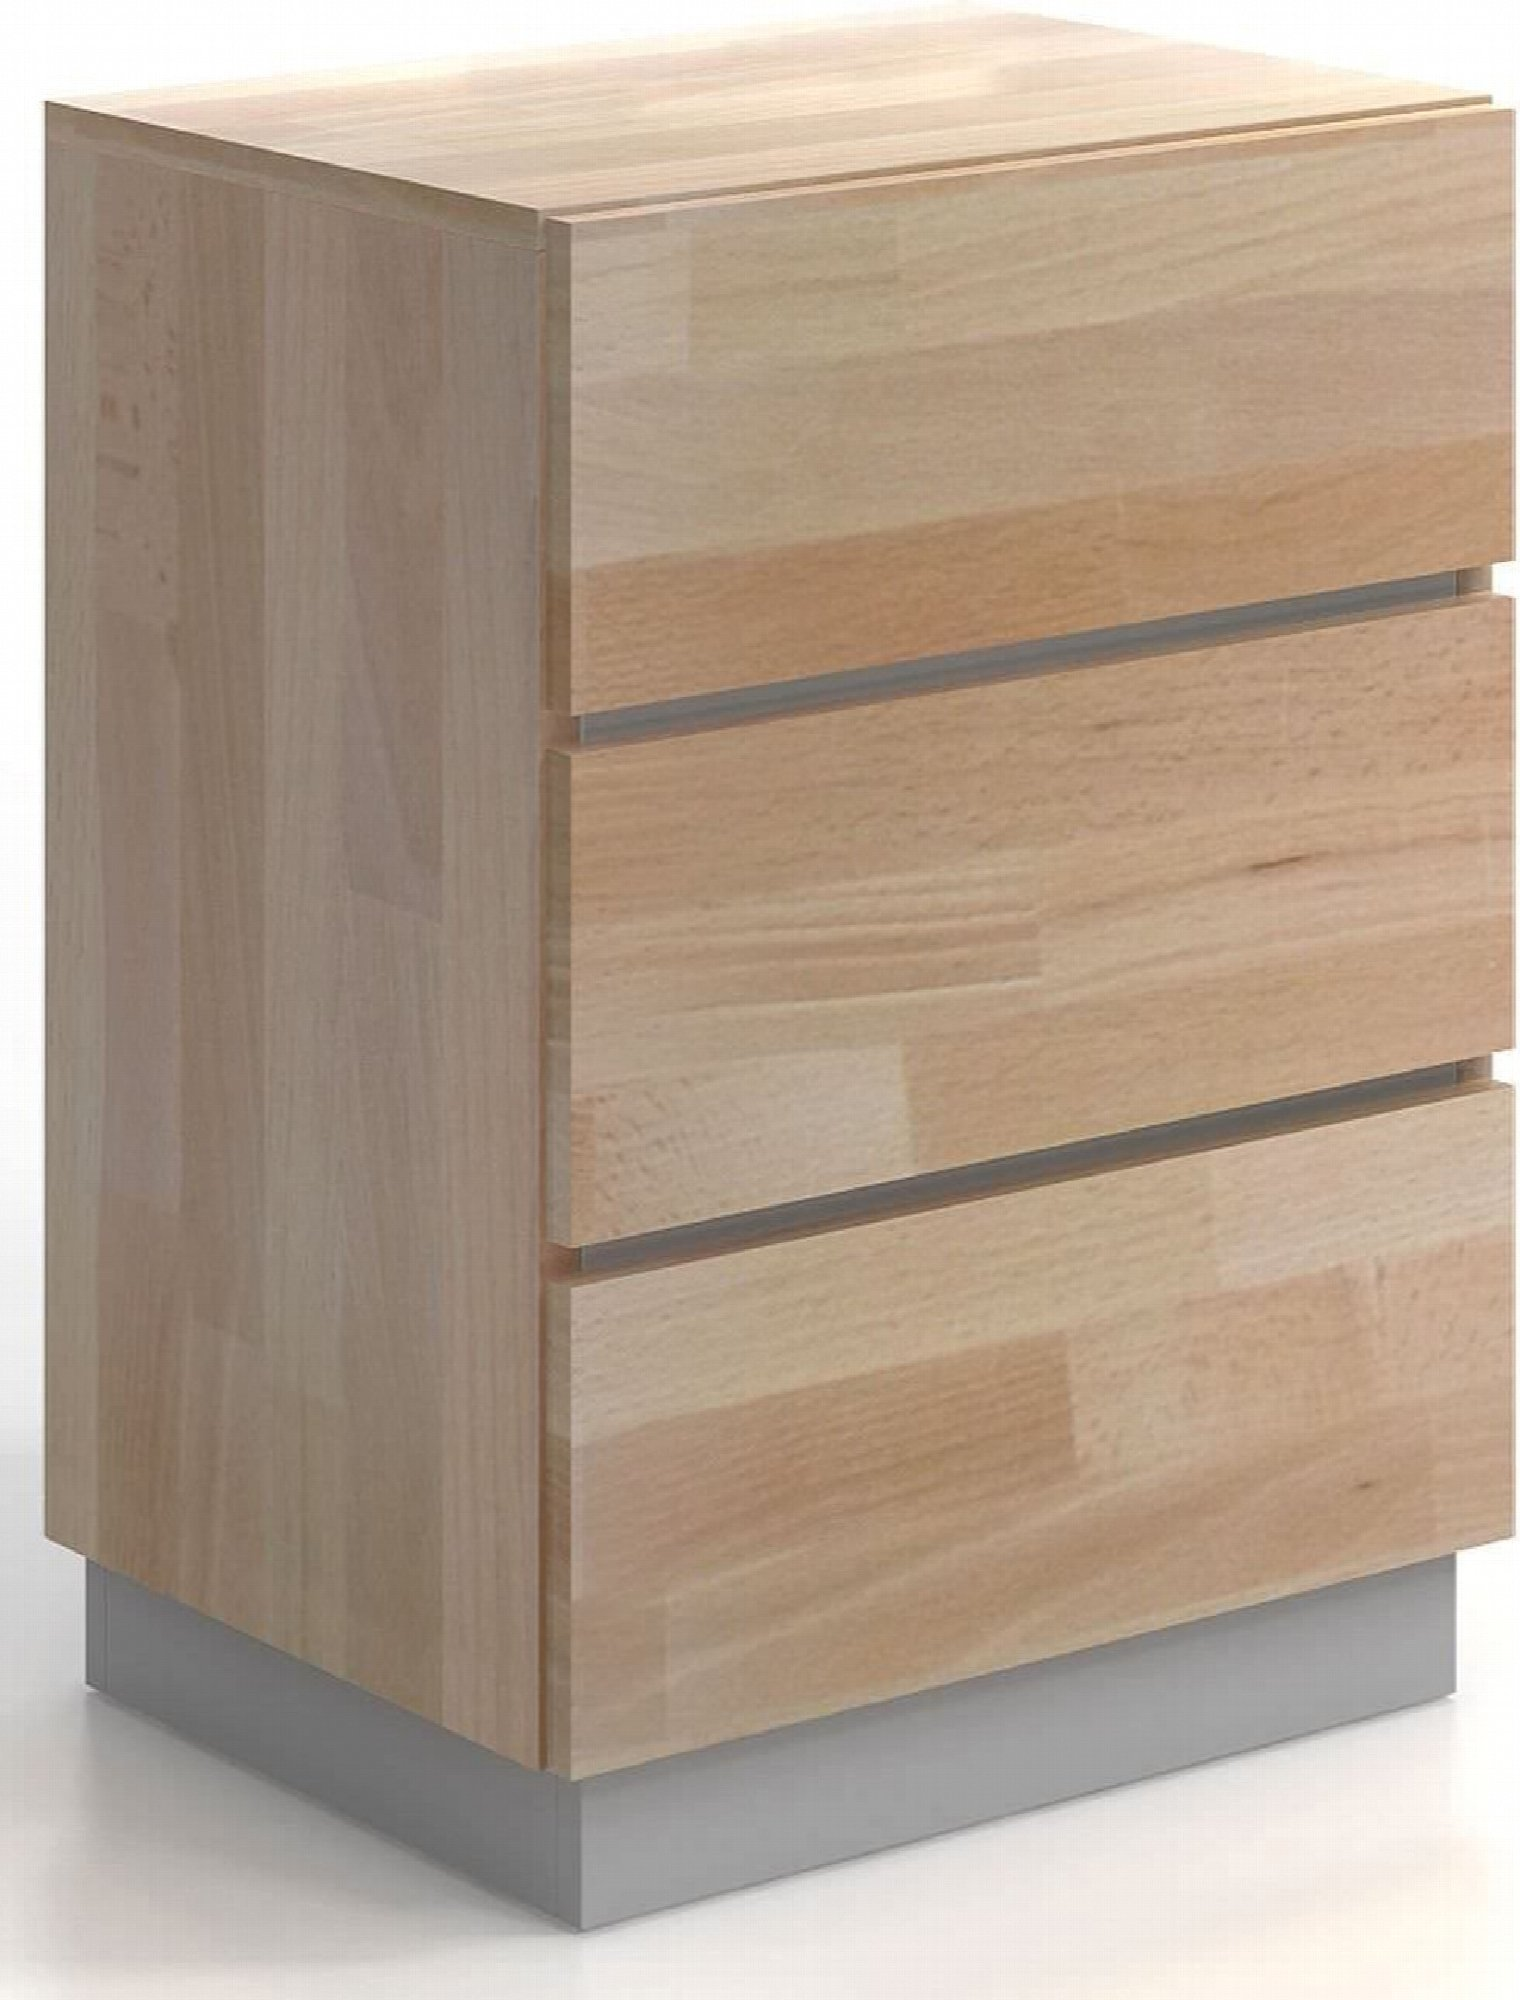 Commode en bois 3 tiroirs couleur bois clair